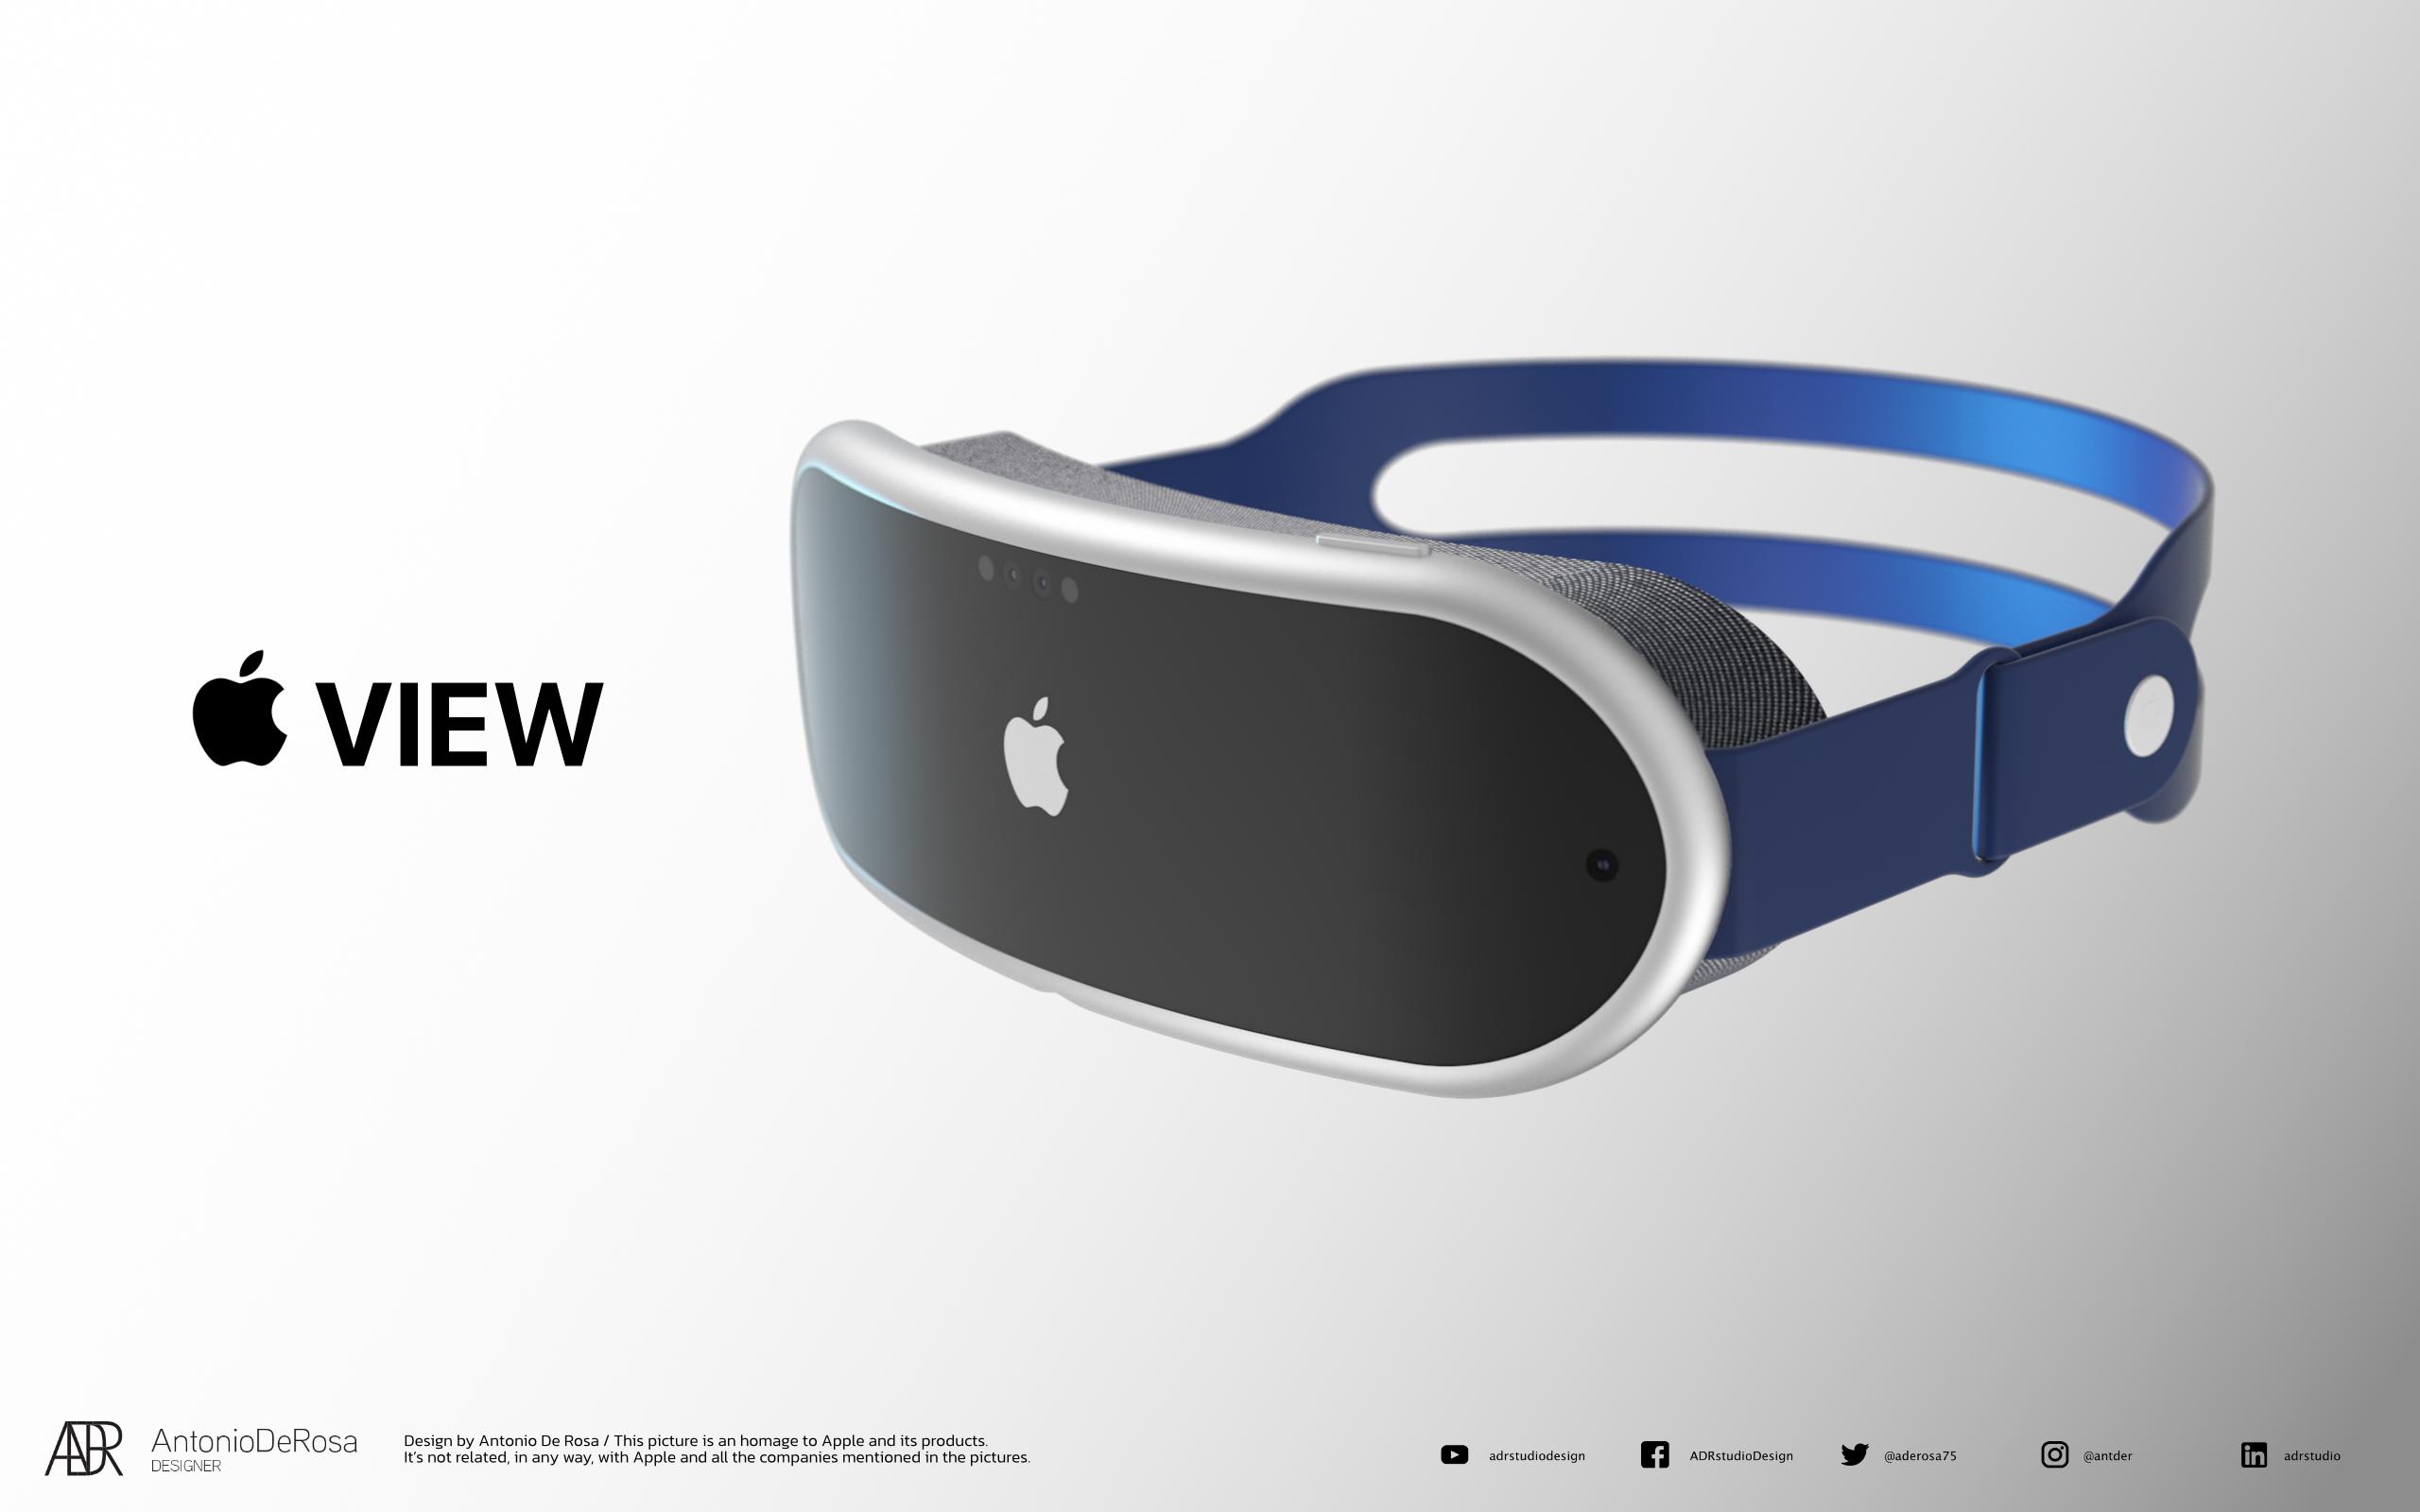 apple view concept right corner